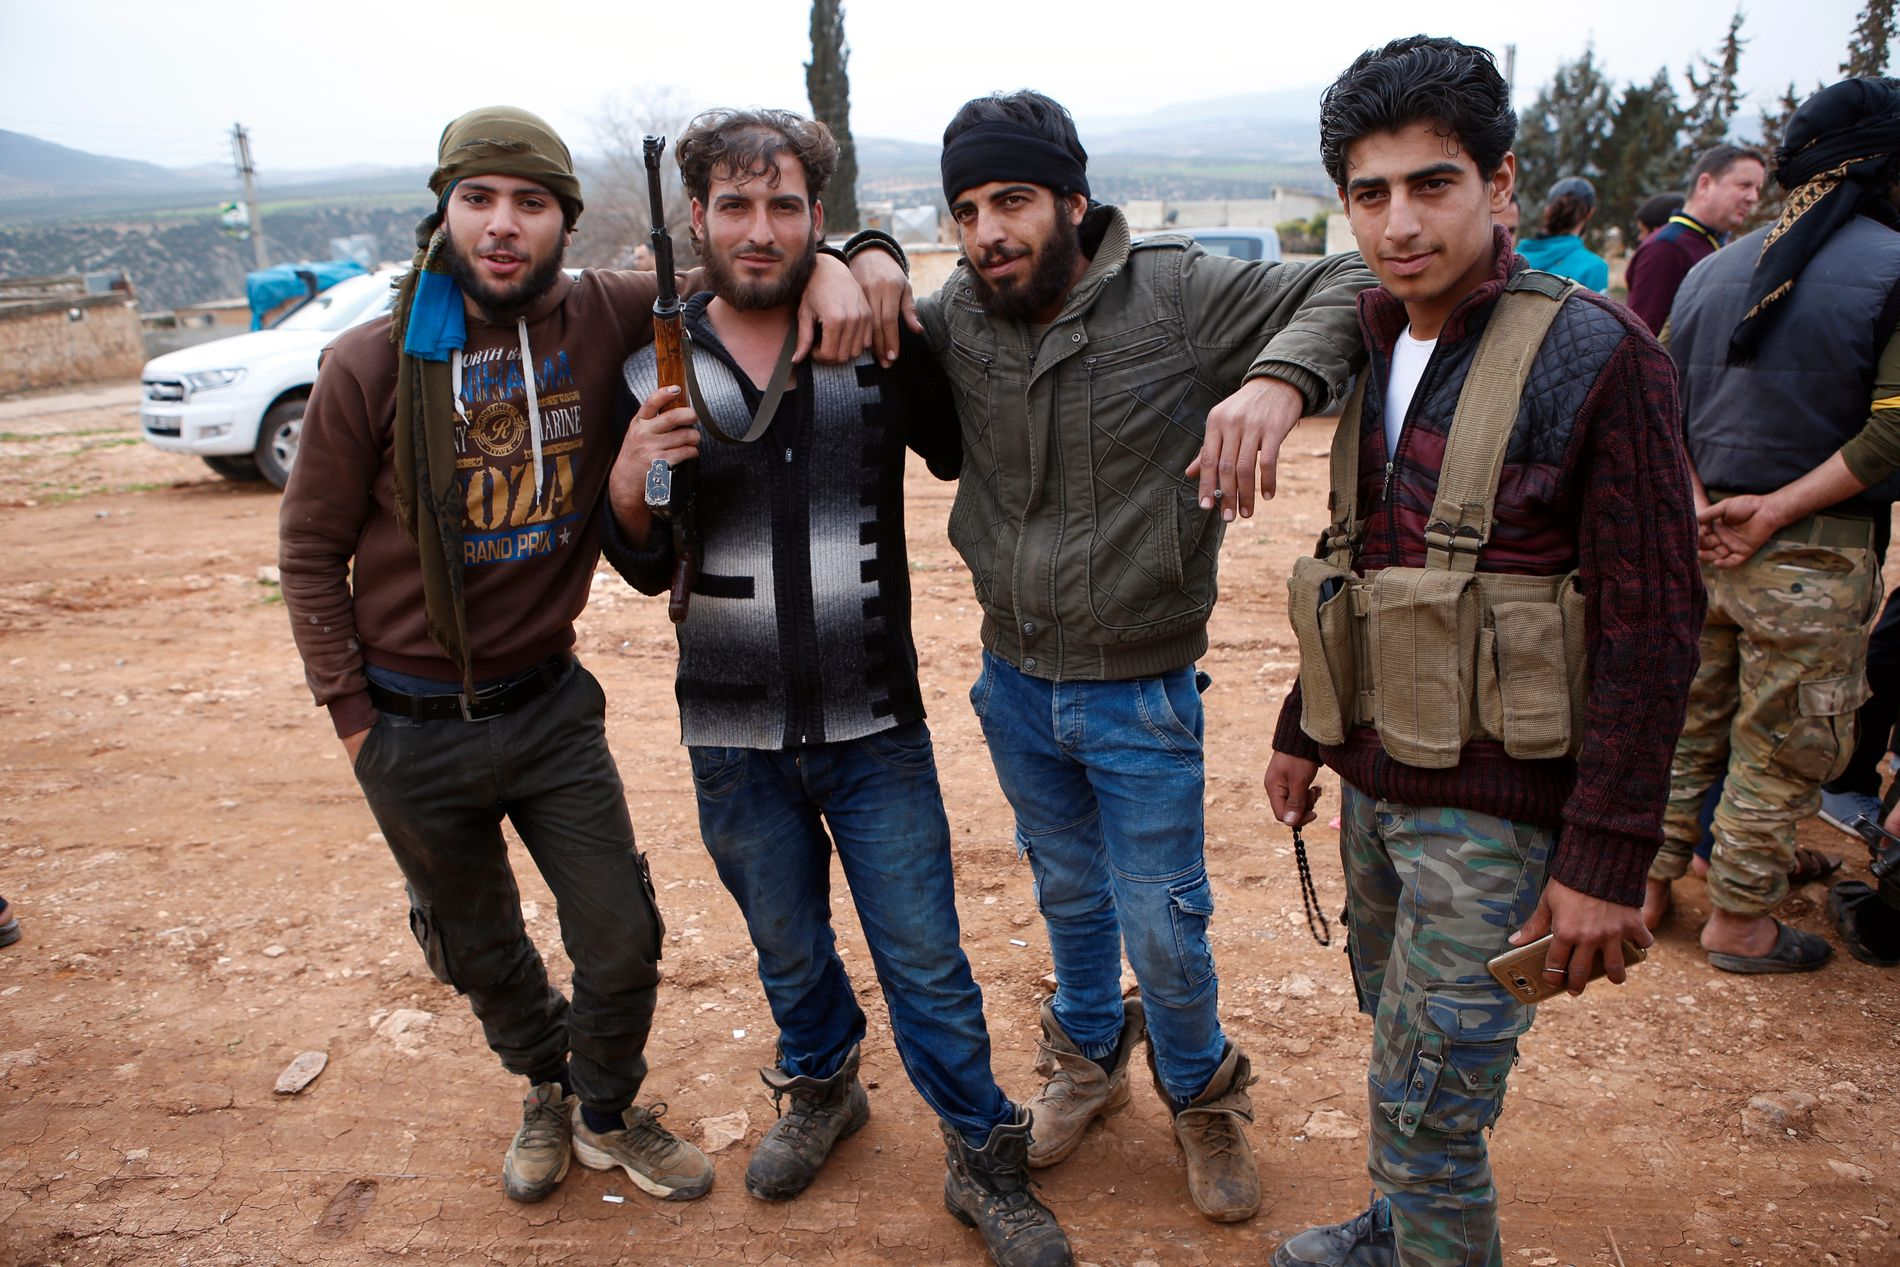 TYRKIAS ALLIERTE: Free Syrian Army samarbeider med den tyrkiske hæren om å drive ut YPG fra Nord-Syria. Disse krigerne kontrollerer den nylig erobrede landsbyen Mersawa.